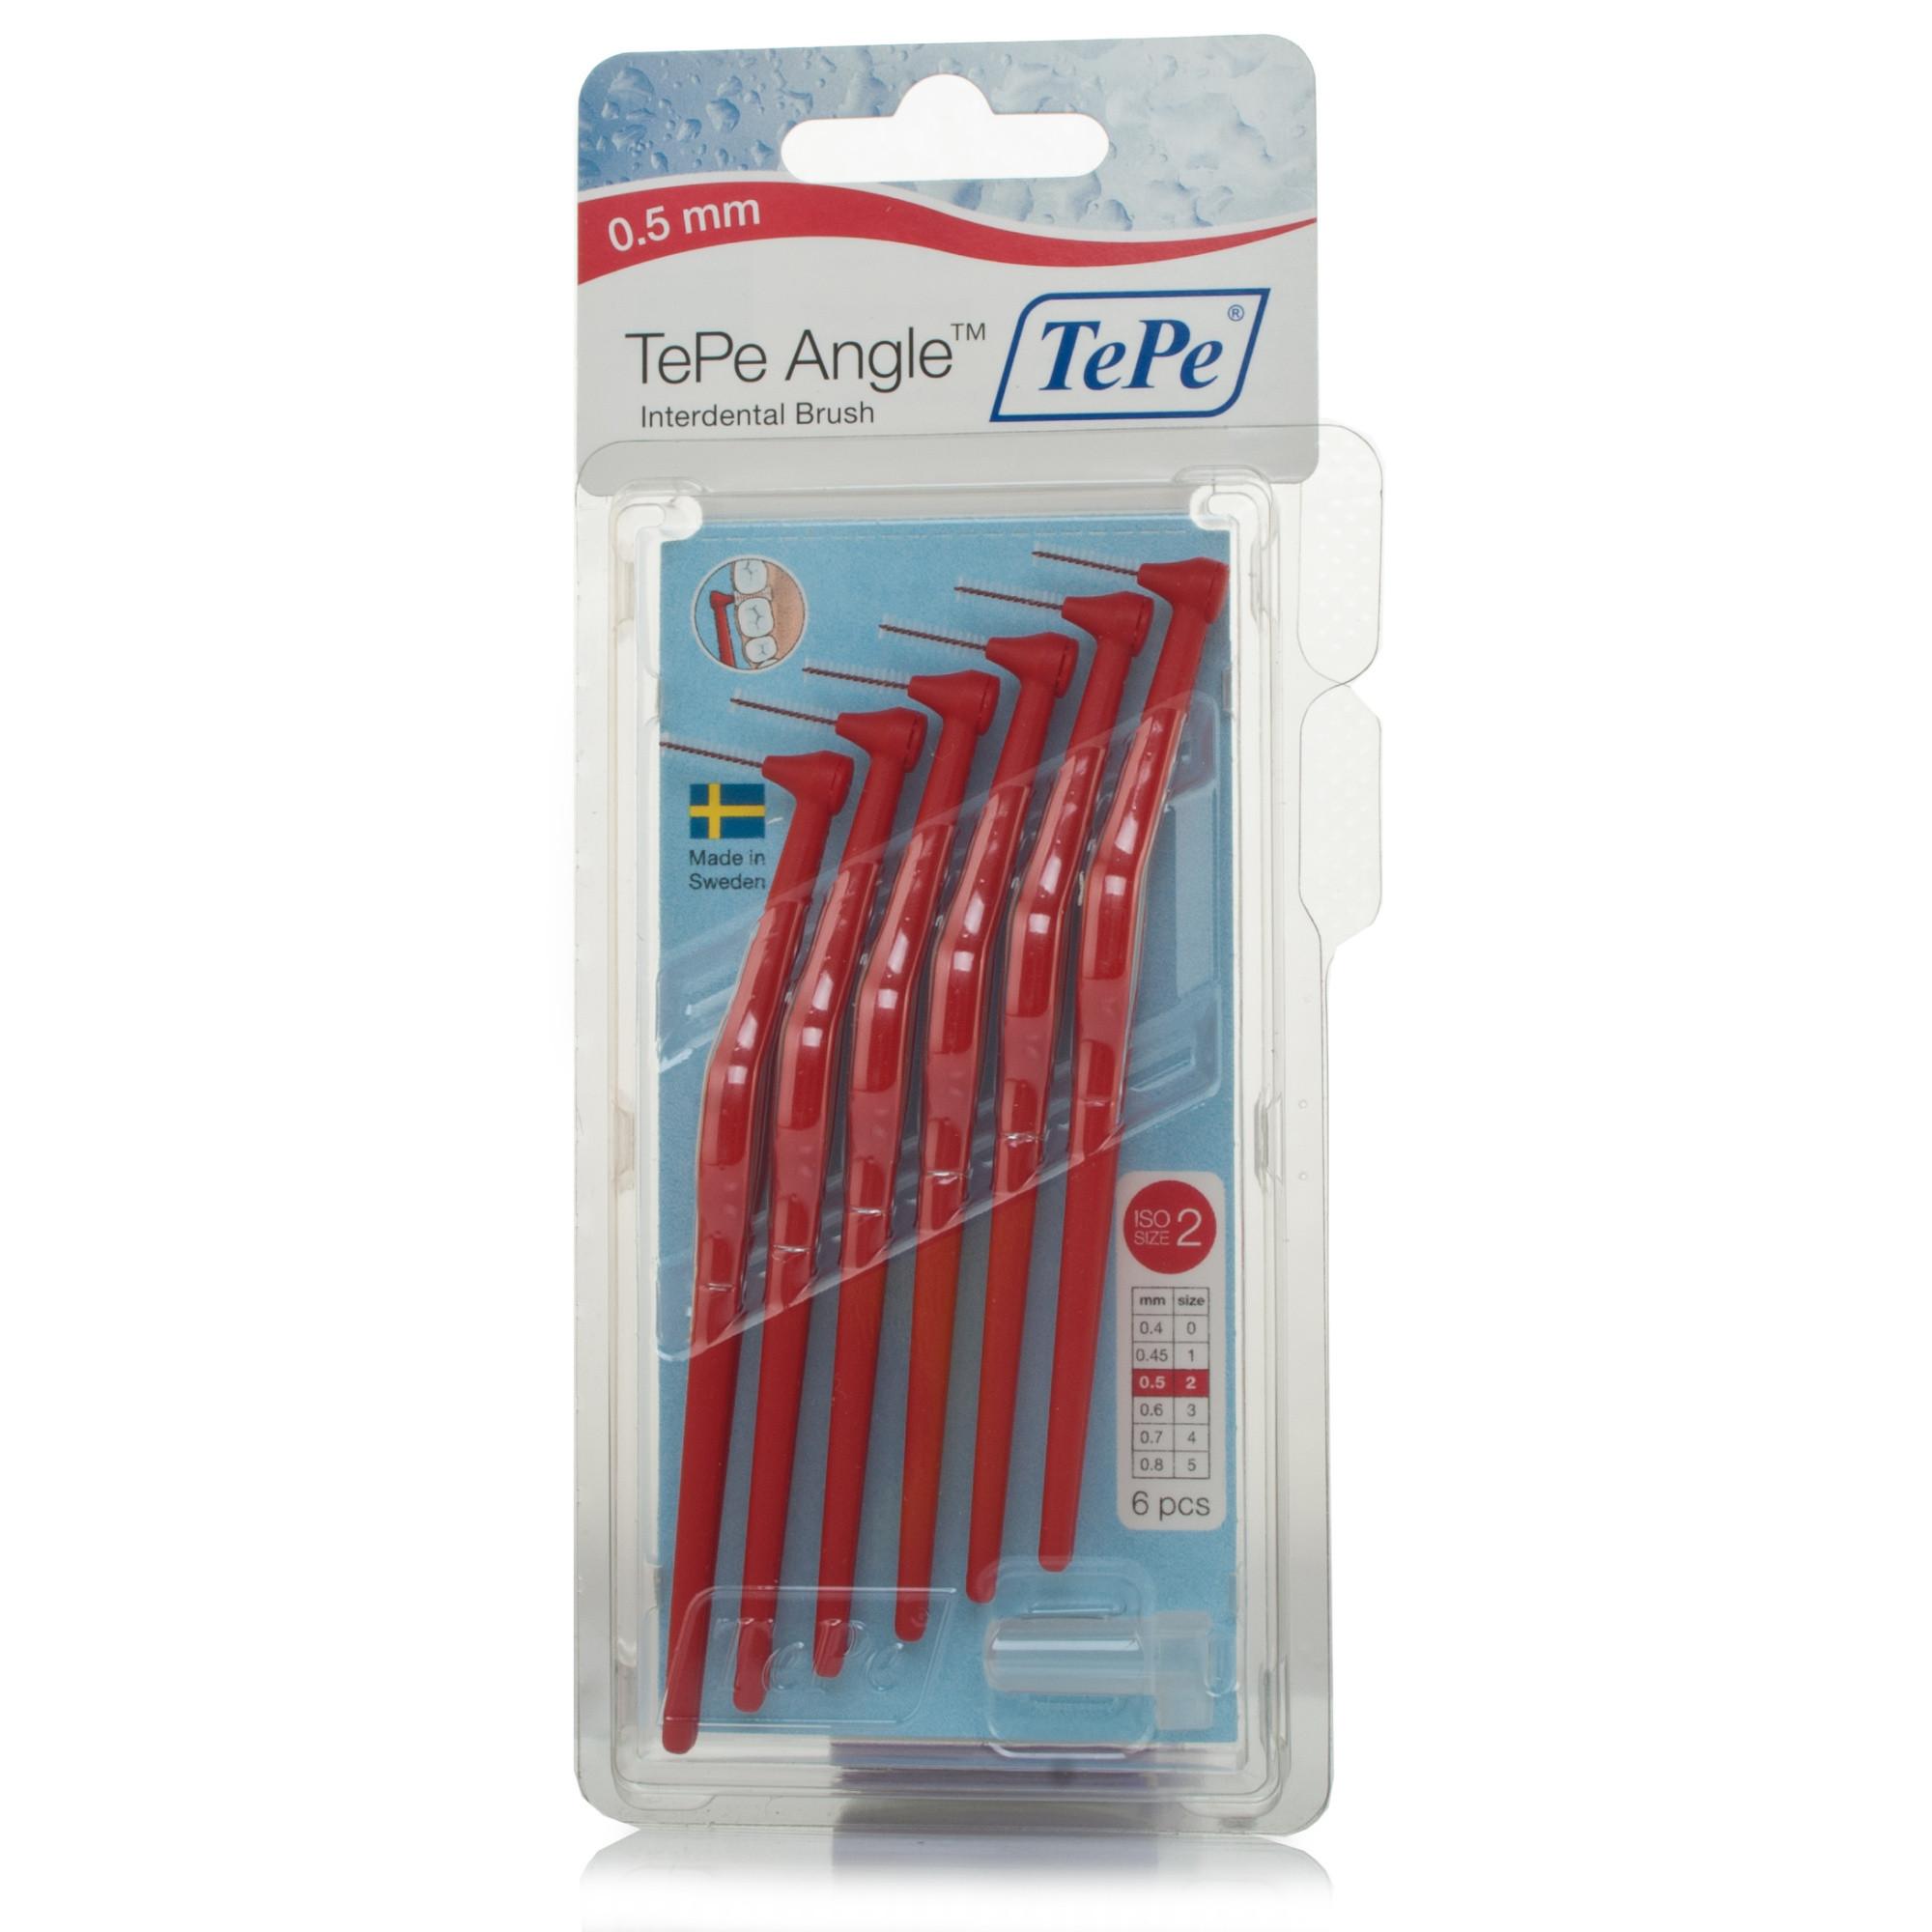 Tepe Angled Interdental Brush Red